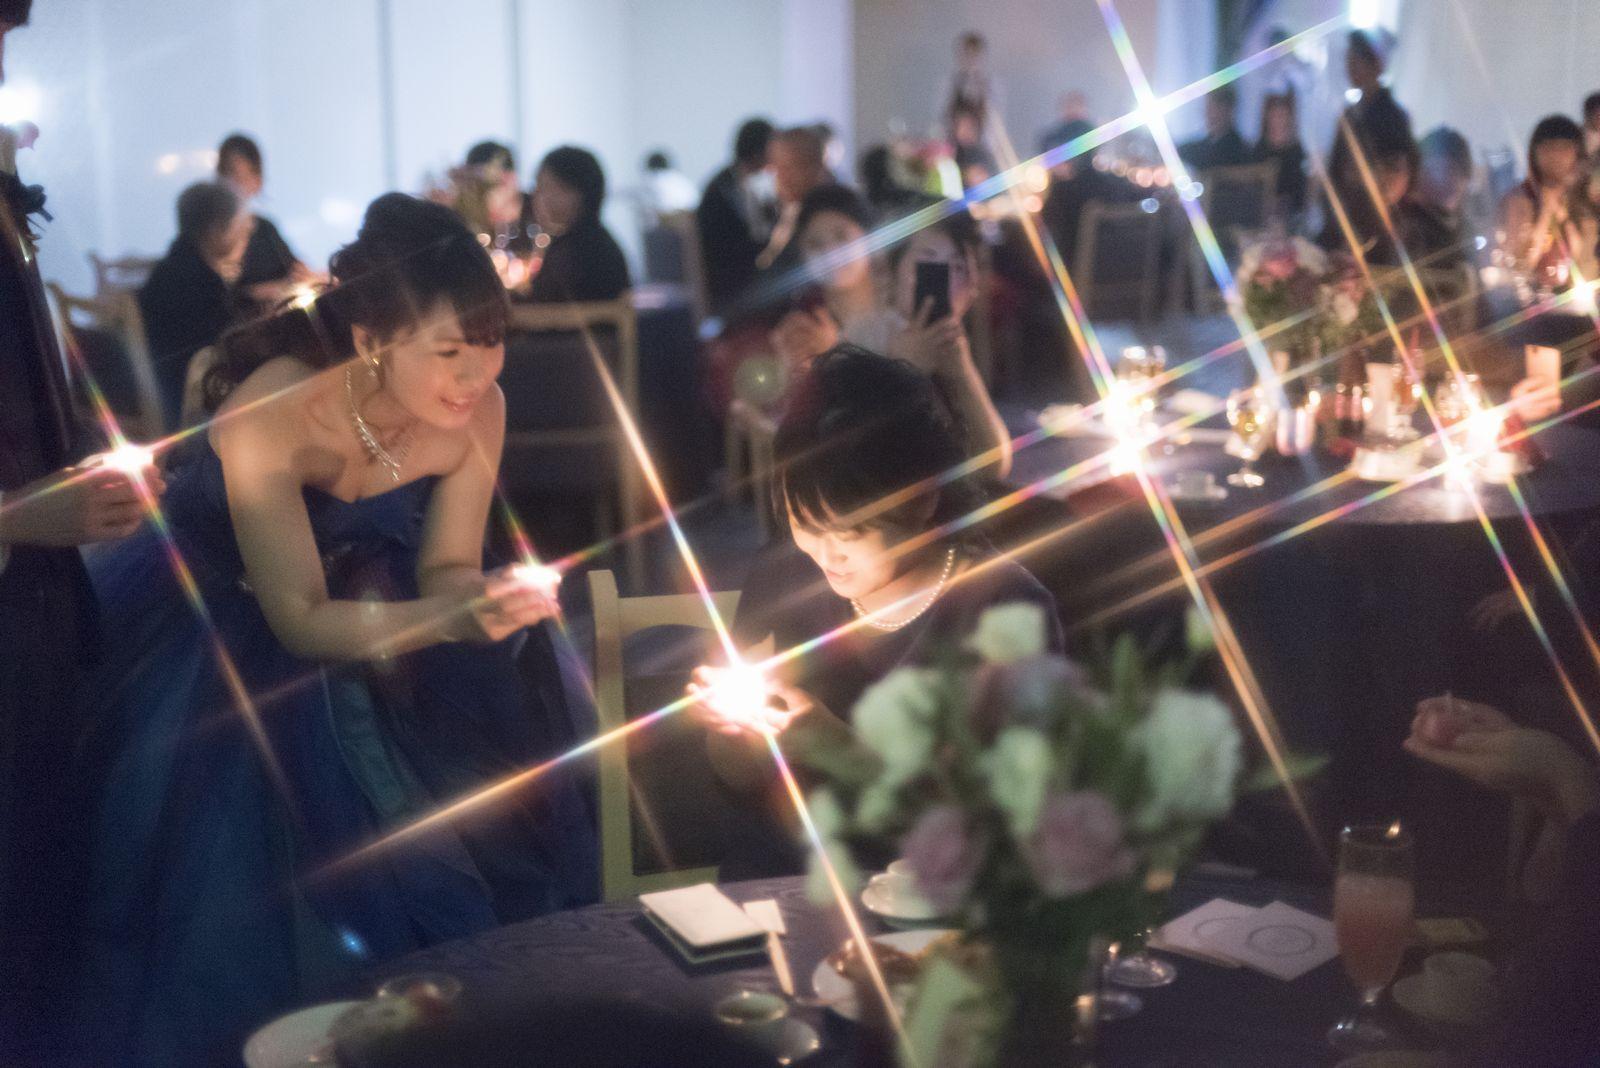 香川の結婚式場のシェルエメール&アイスタイルのイルミネーションみたいなキャンドル